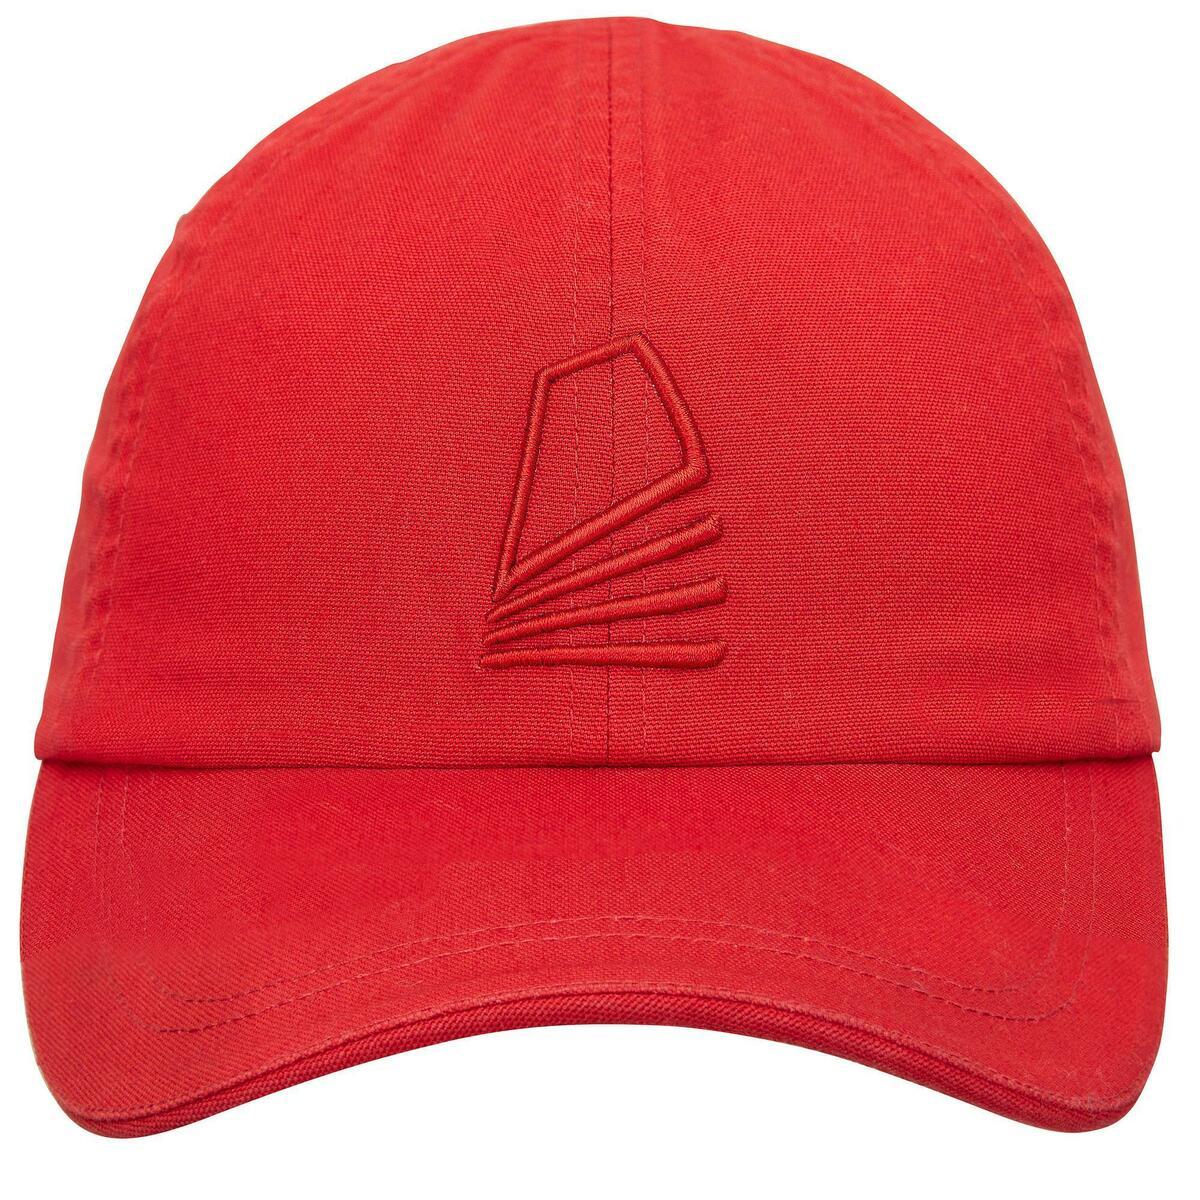 Bild 2 von Segelcap Sailing 100 Erwachsene rot